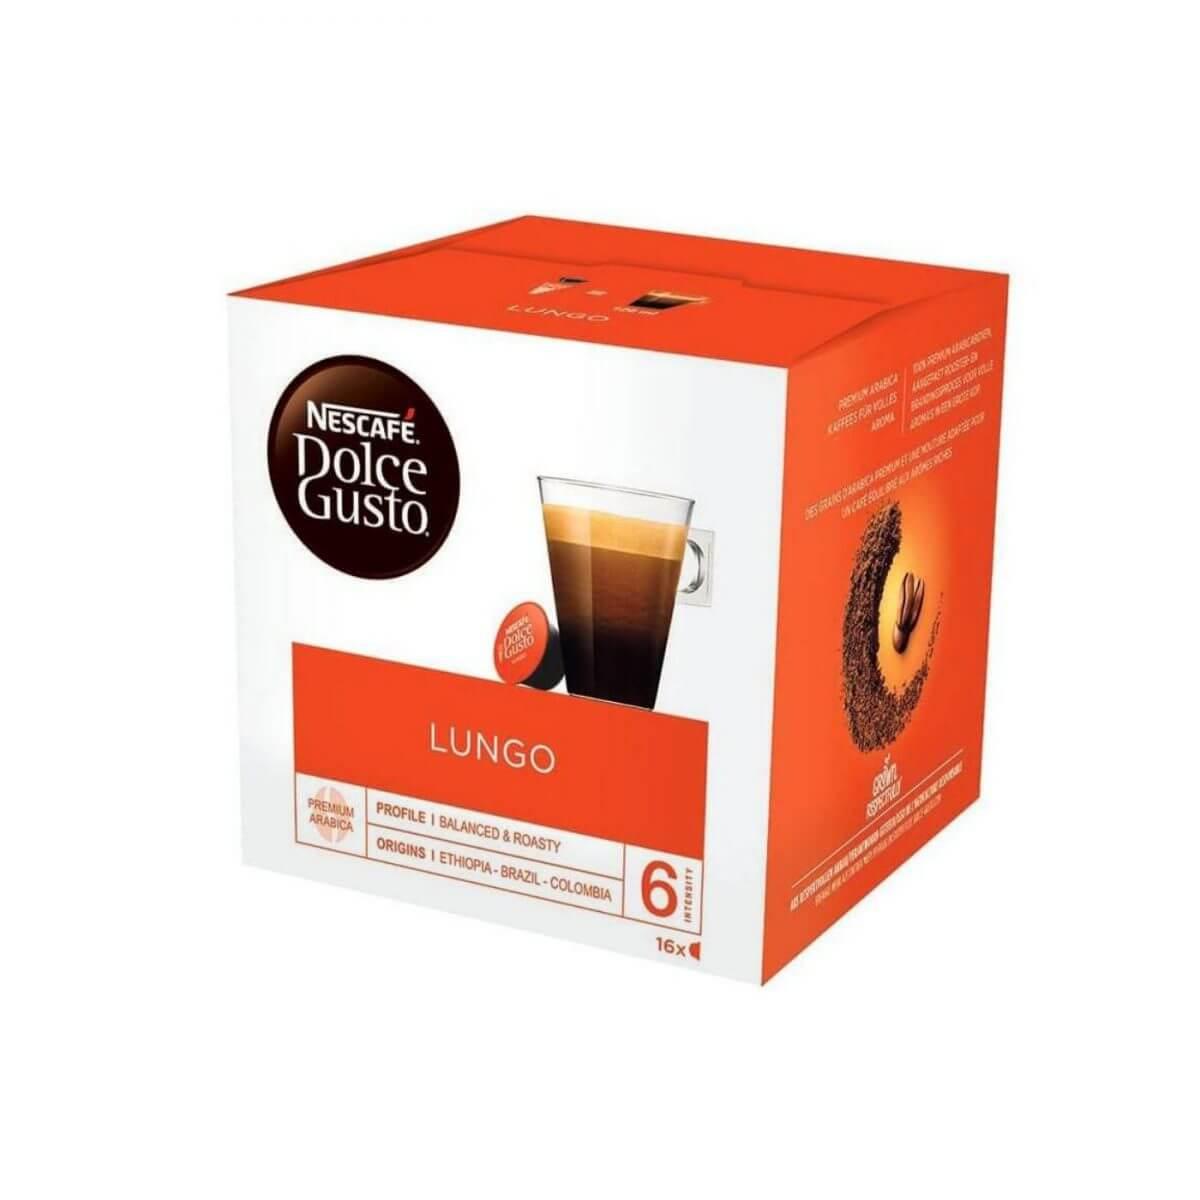 Nescafé - Dolce Gusto - Lungo - capsules